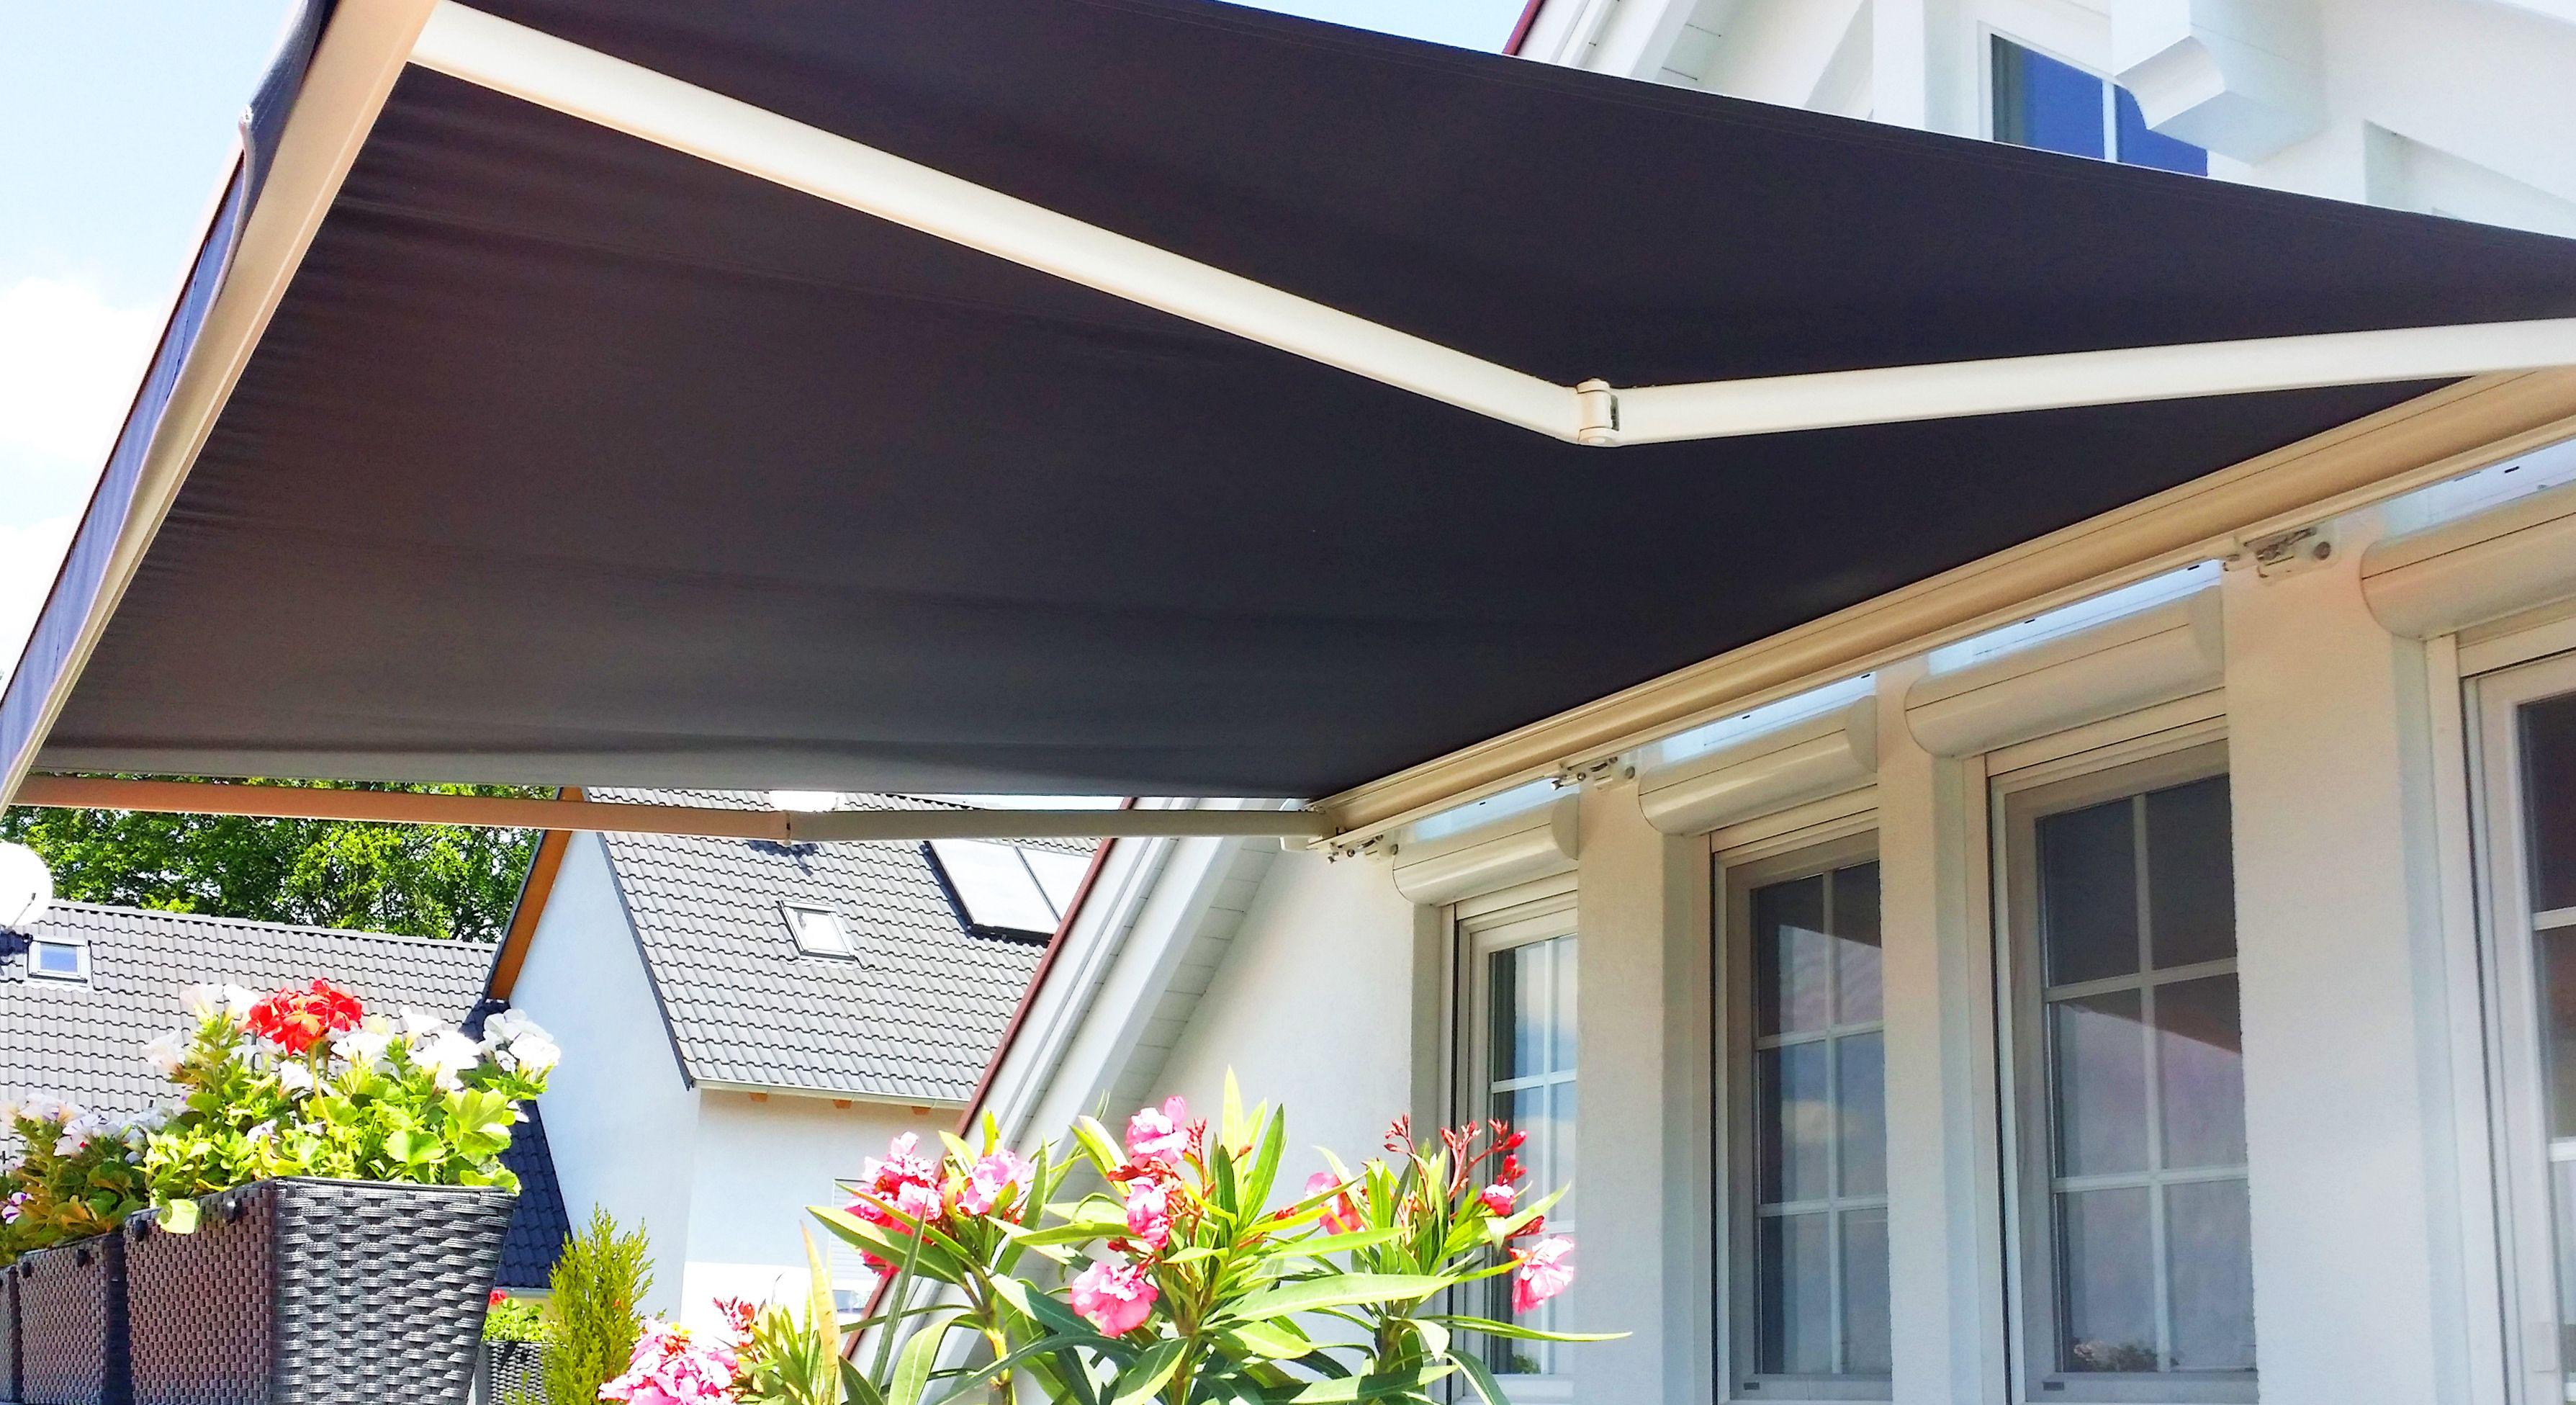 #markise #balkon #relaxen Schöner Wohnen mit unseren Markisen.